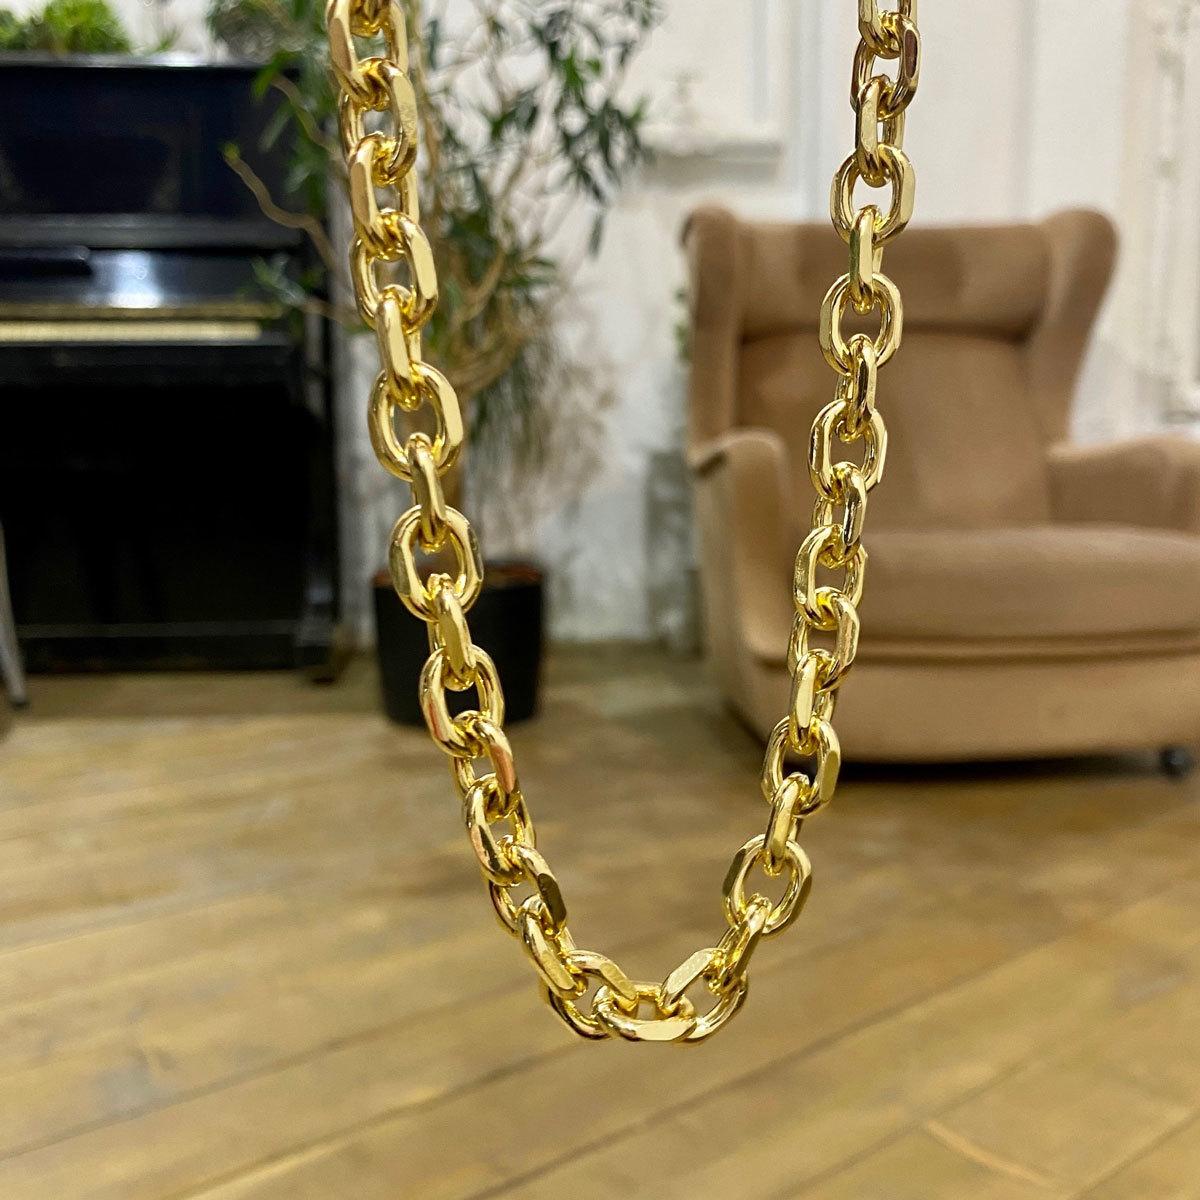 Колье-цепь якорного плетения (золотистый)